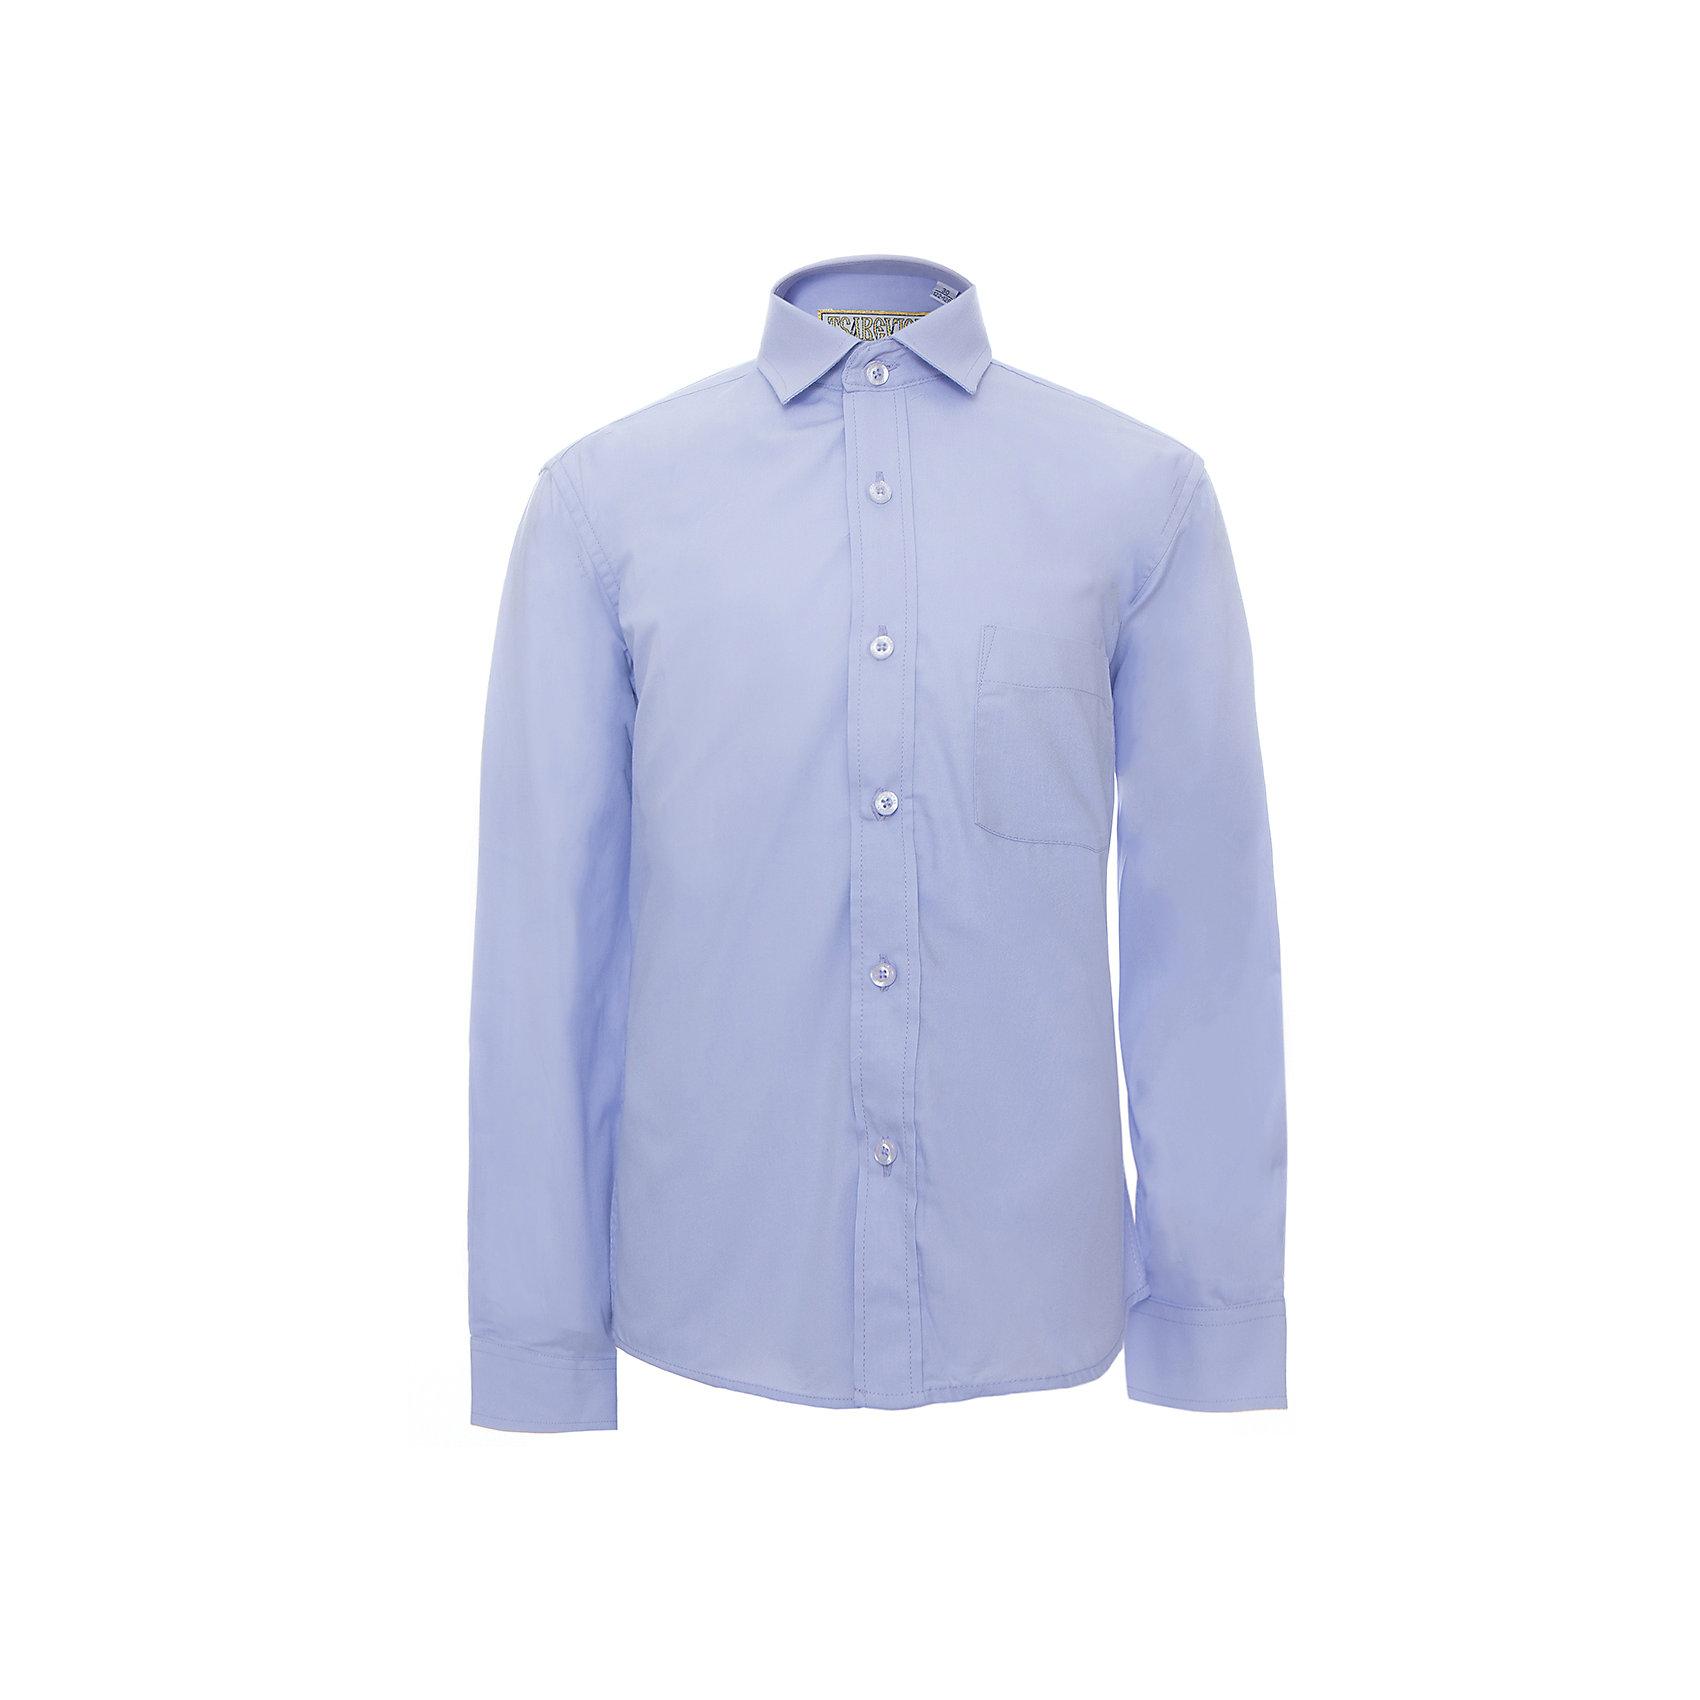 Рубашка для мальчика TsarevichБлузки и рубашки<br>Классическая рубашка - неотьемлемая вещь в гардеробе. Модель на пуговицах, с отложным воротником. Свободный покрой не стеснит движений и позволит чувствовать себя комфортно каждый день.  Состав 80 % хл. 20% П/Э<br><br>Ширина мм: 174<br>Глубина мм: 10<br>Высота мм: 169<br>Вес г: 157<br>Цвет: фиолетовый<br>Возраст от месяцев: 168<br>Возраст до месяцев: 180<br>Пол: Мужской<br>Возраст: Детский<br>Размер: 146/152,152/158,152/158,158/164,164/170,122/128,128/134,134/140,140/146,146/152<br>SKU: 4749348